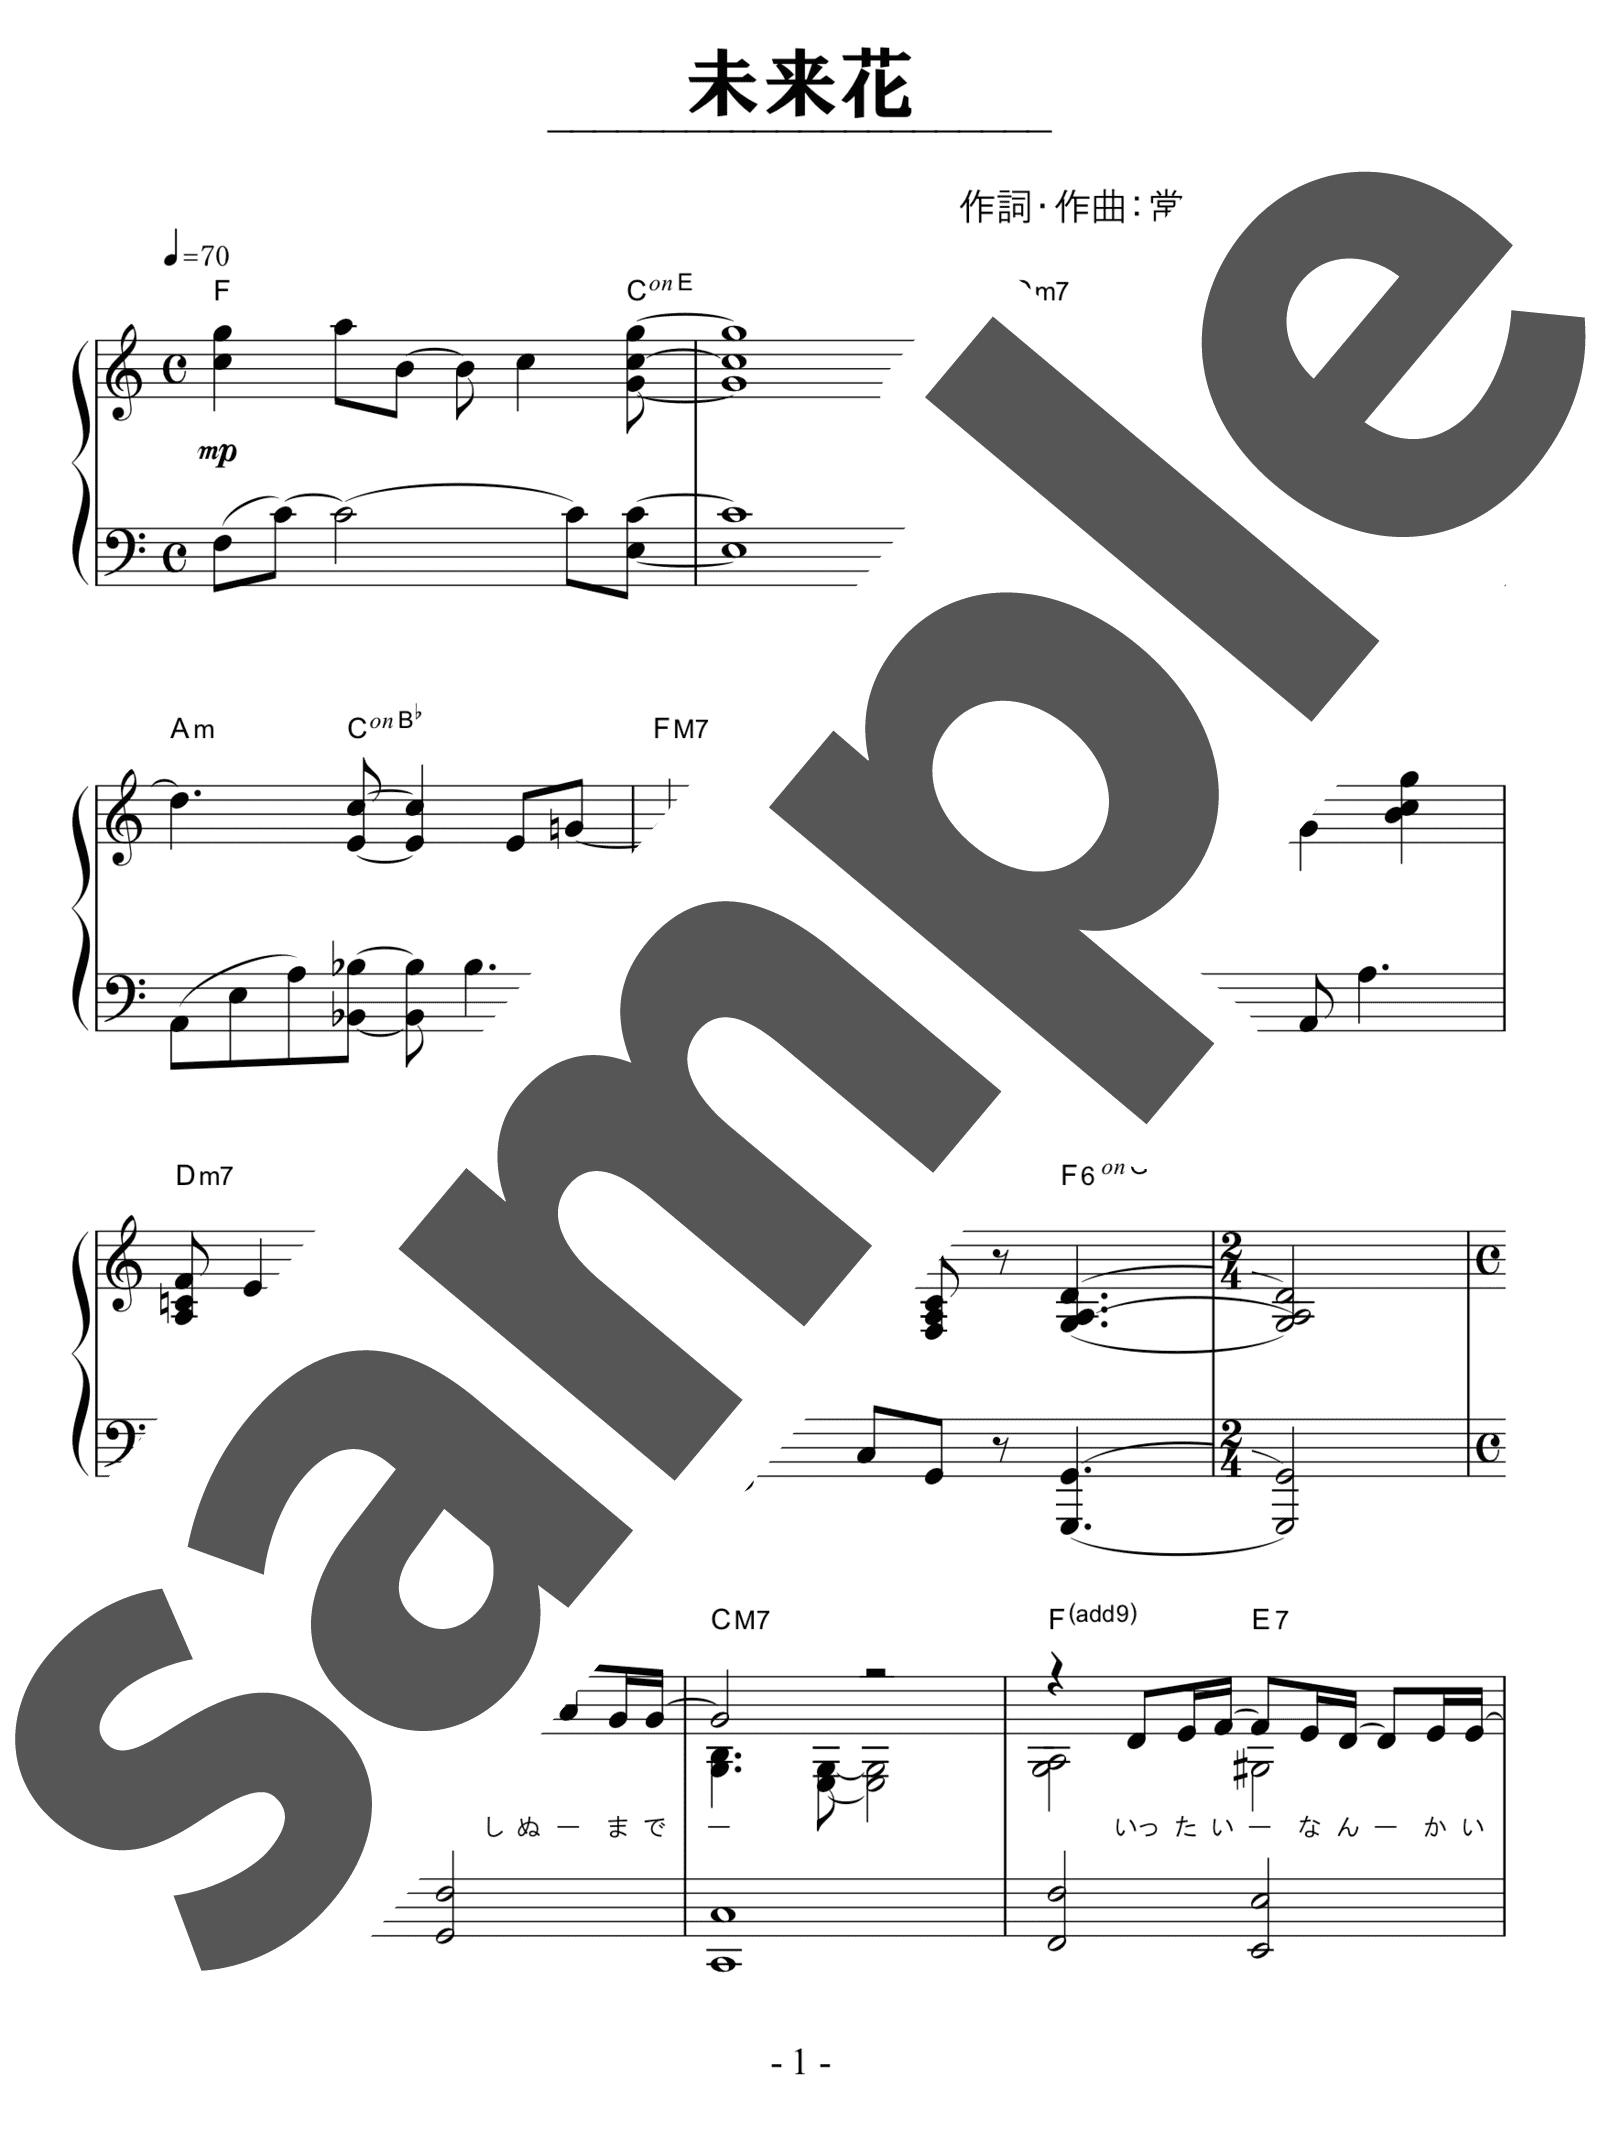 「未来花」のサンプル楽譜